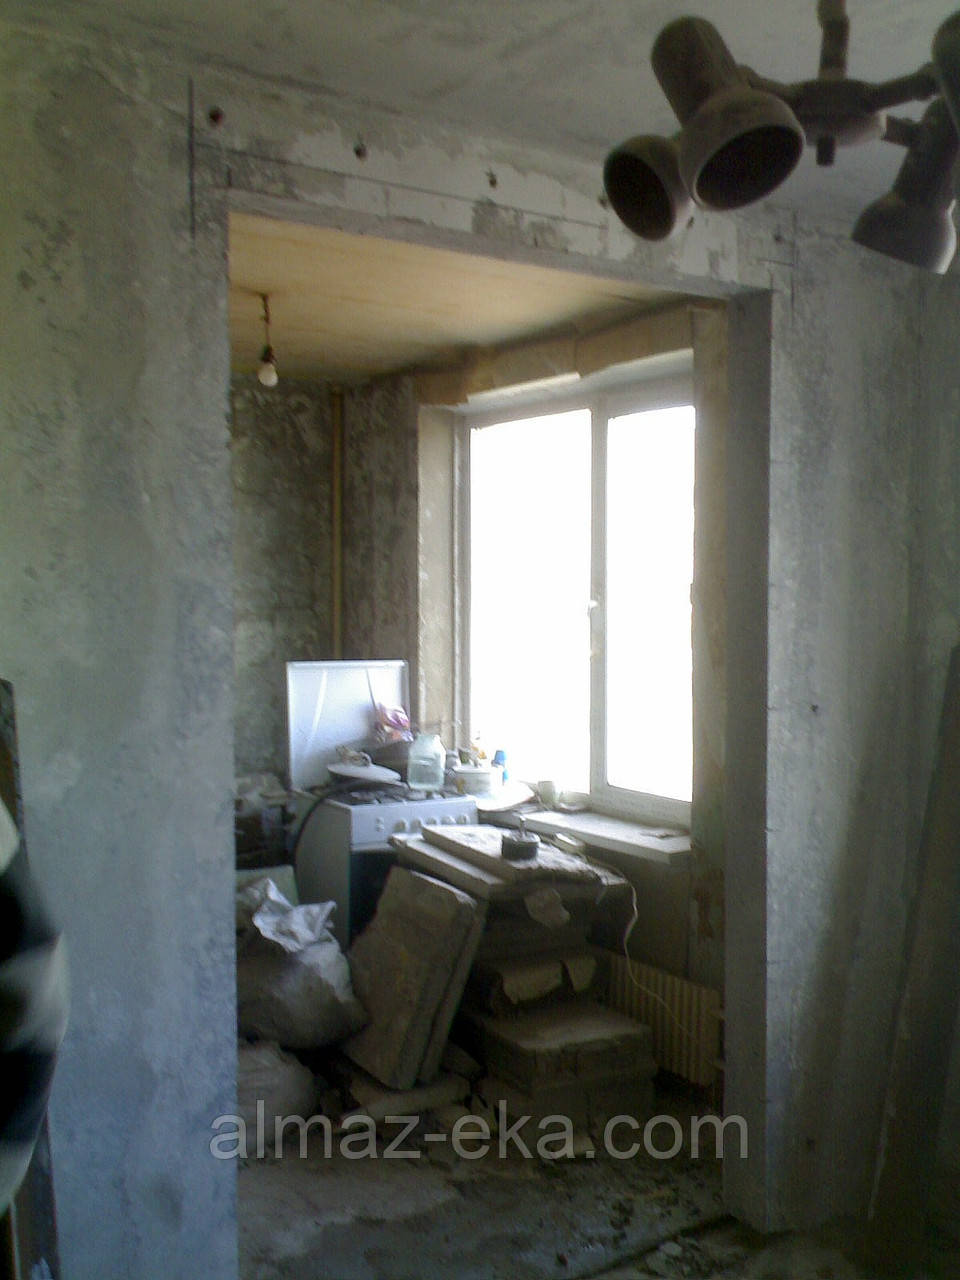 Резка проемов без пыли,выходы на балкон,сантехкабины,штробы